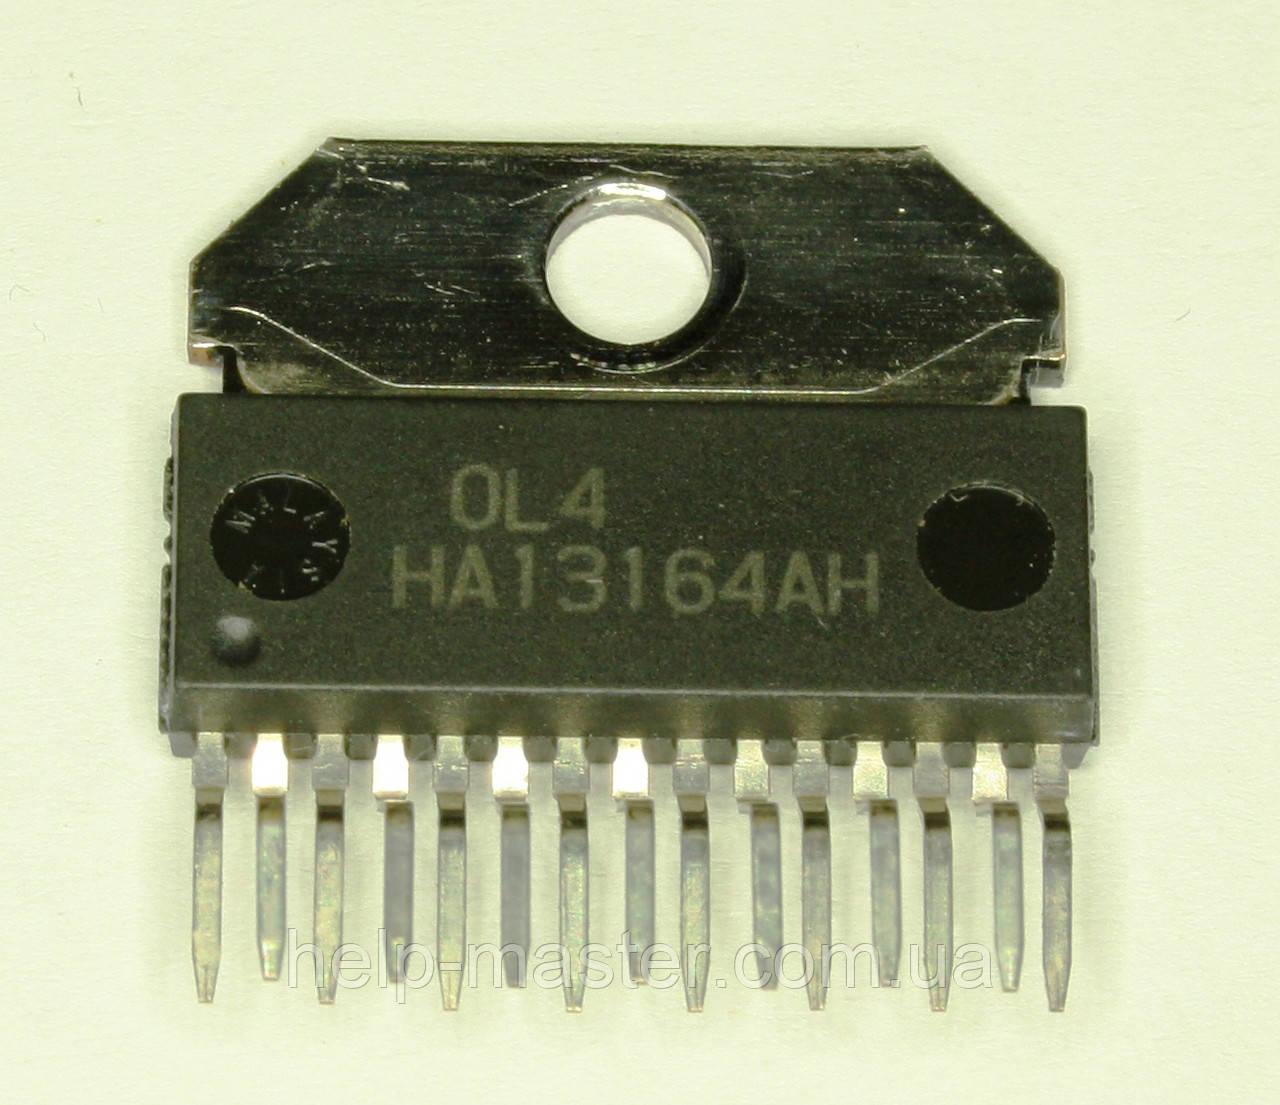 HA13164AH